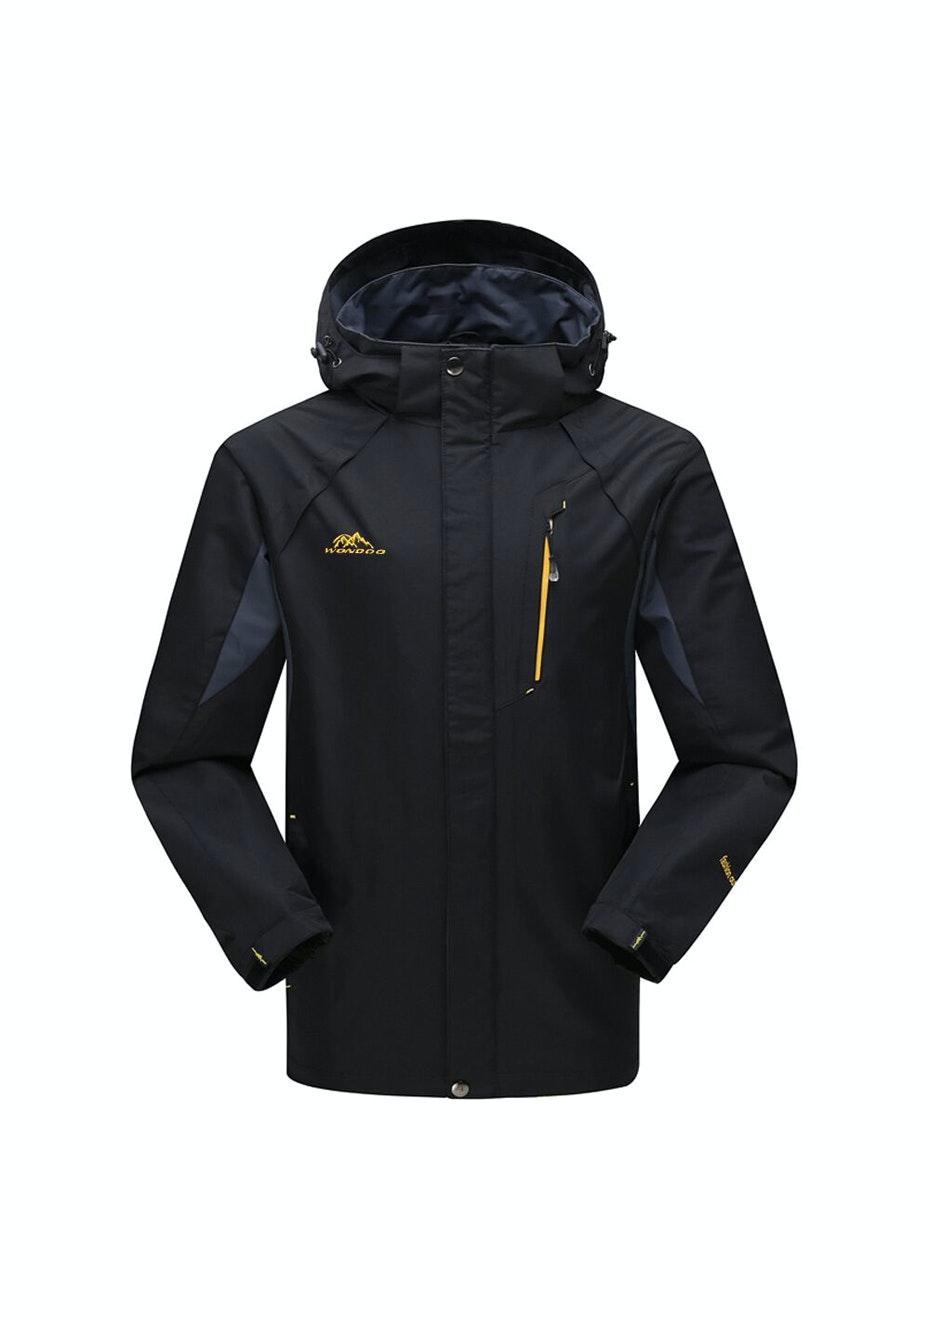 Women 2-in-1 WaterProof Jackets - Black / Grey